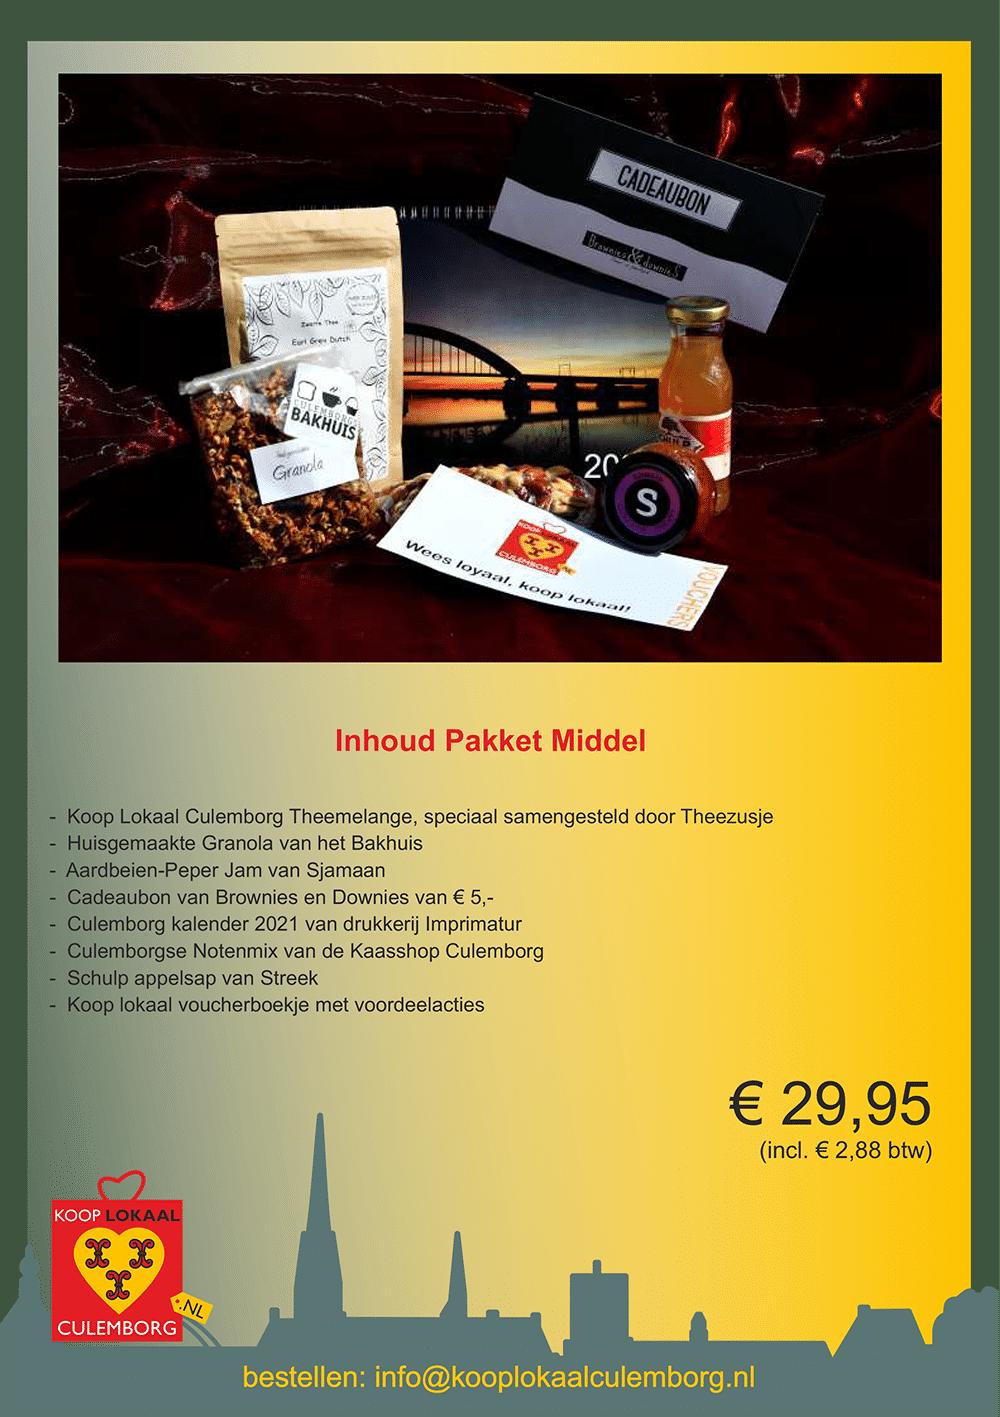 Kerstpakket leaflets middel